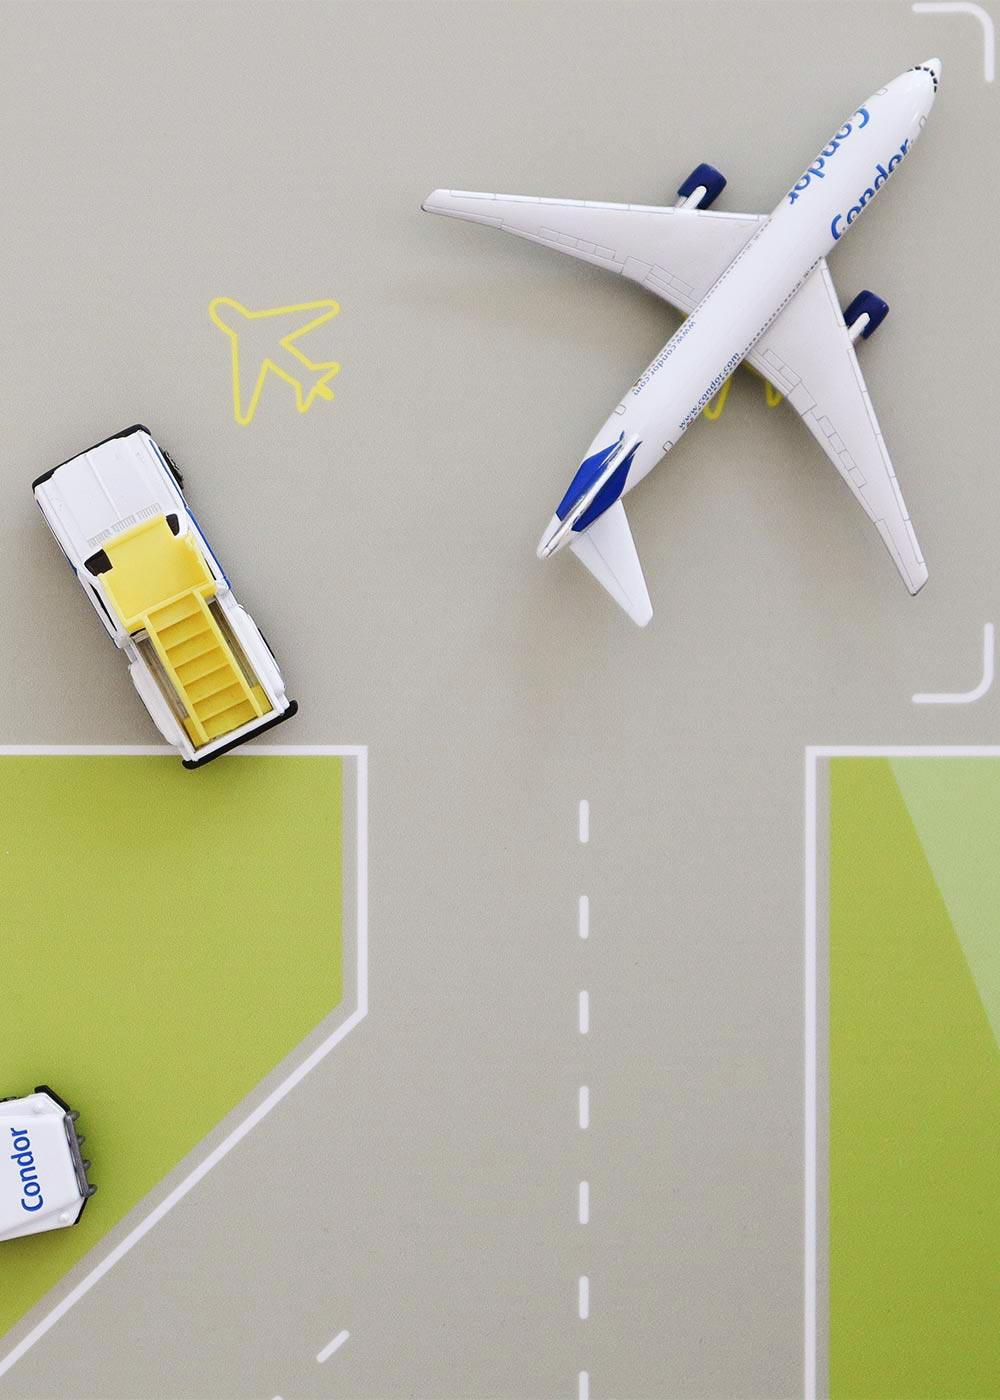 Ikea Kallax Regal Landebahn 4fach Komplettansicht mit Flugzeug